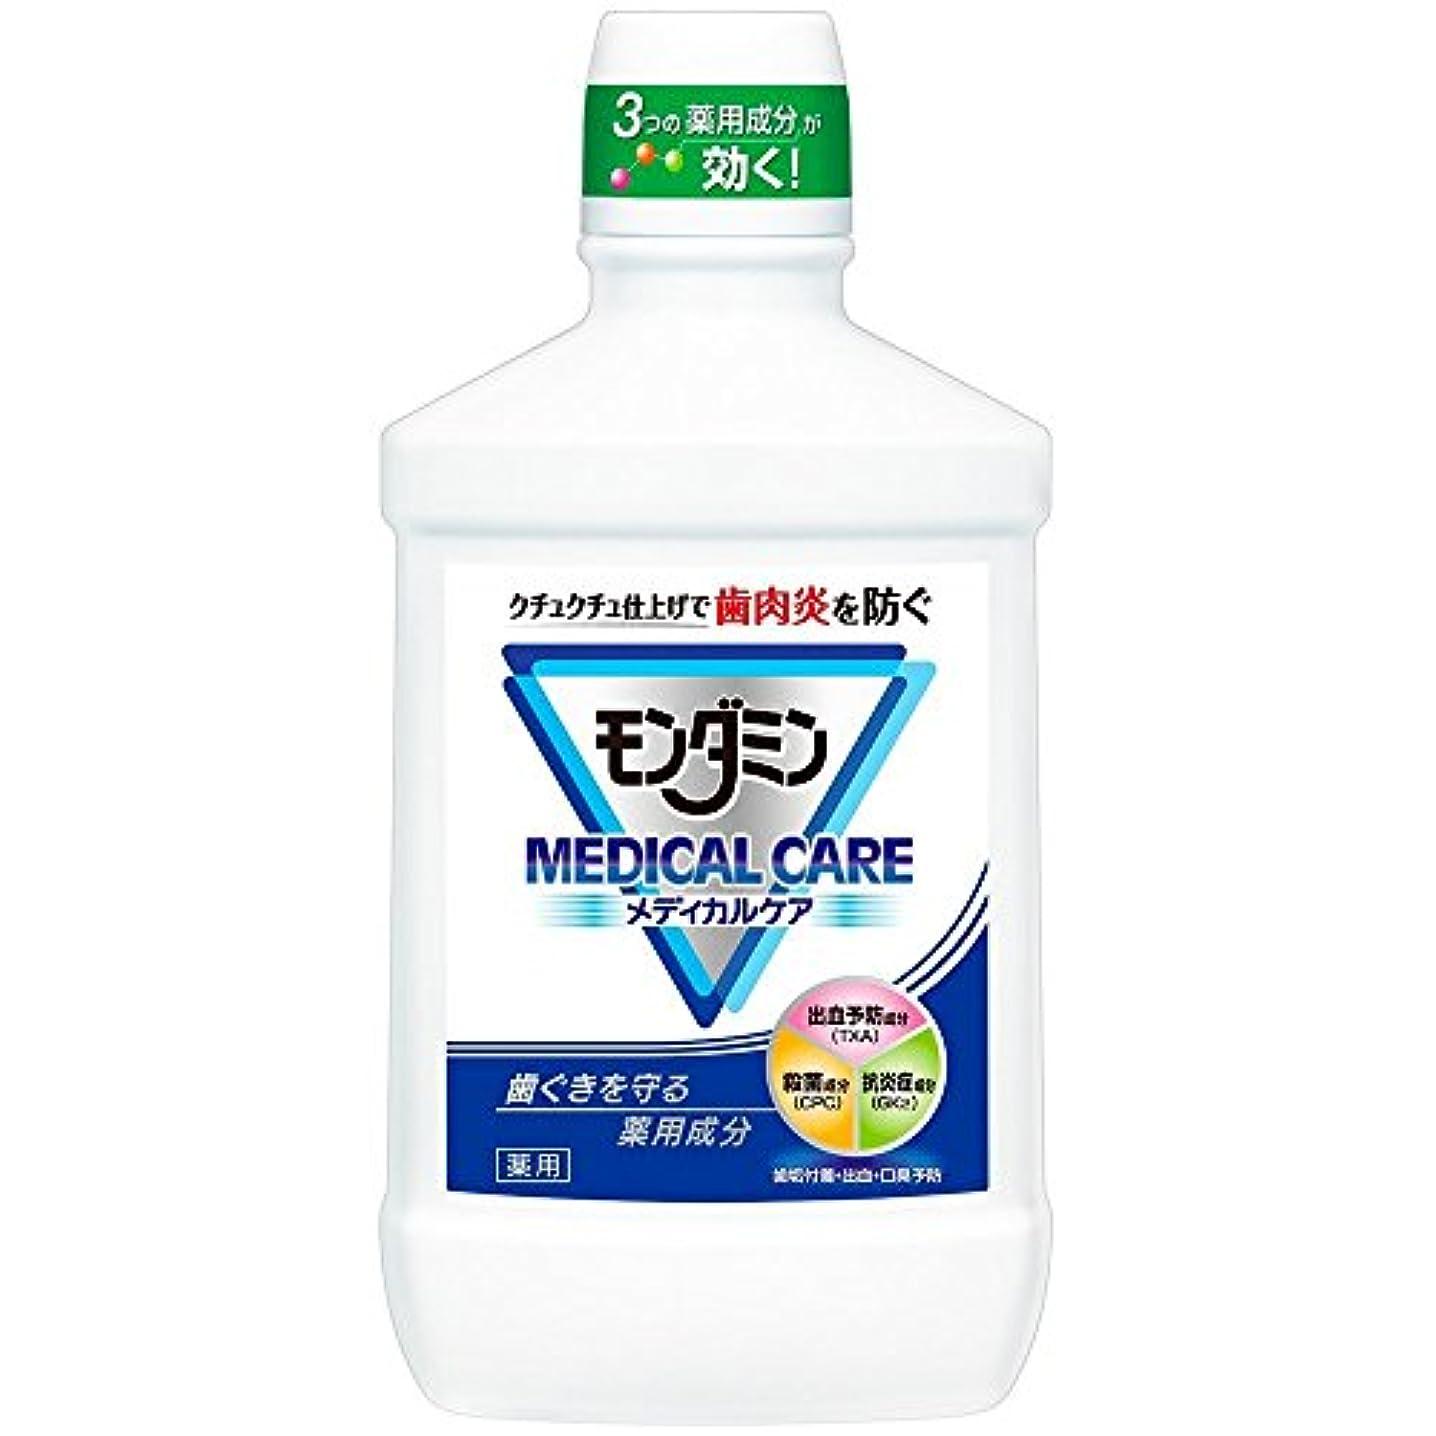 キャンセル失態マイク【アース製薬】モンダミン メディカルケア 1000ml ×10個セット